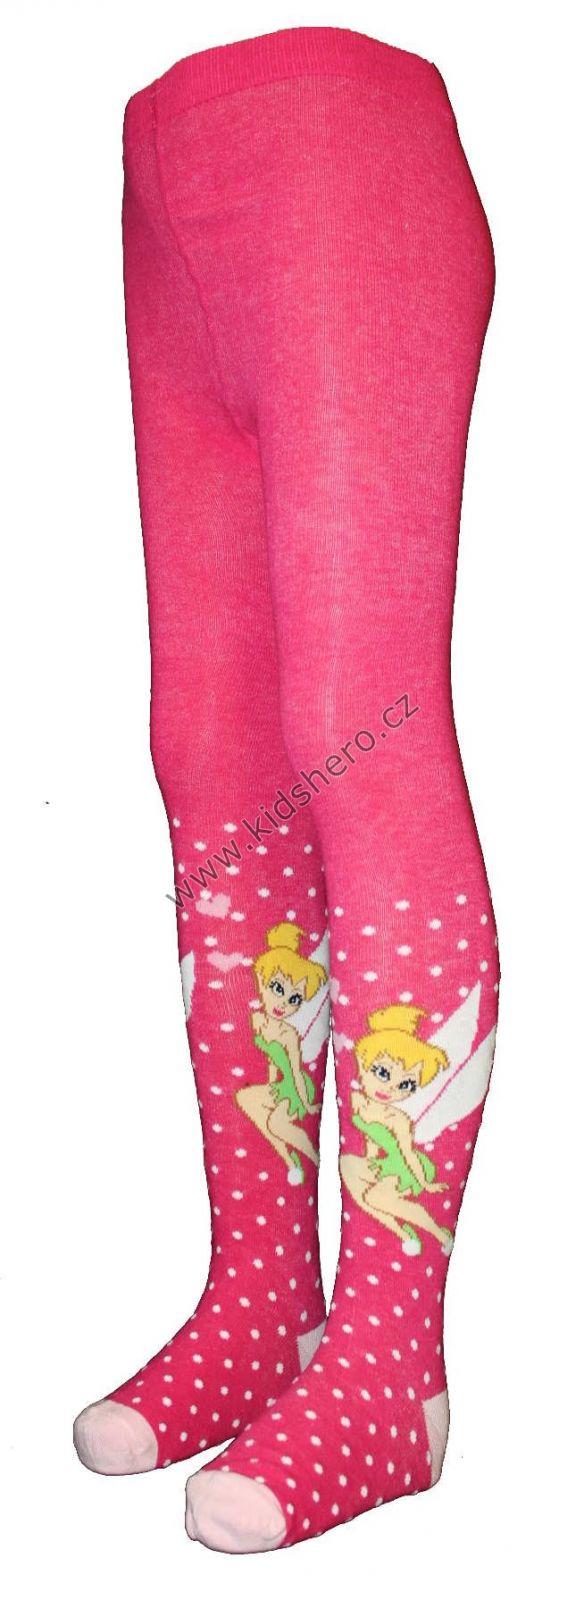 Dětské punčocháče ZVONILKA punčochy disney dívčí licenční oblečení